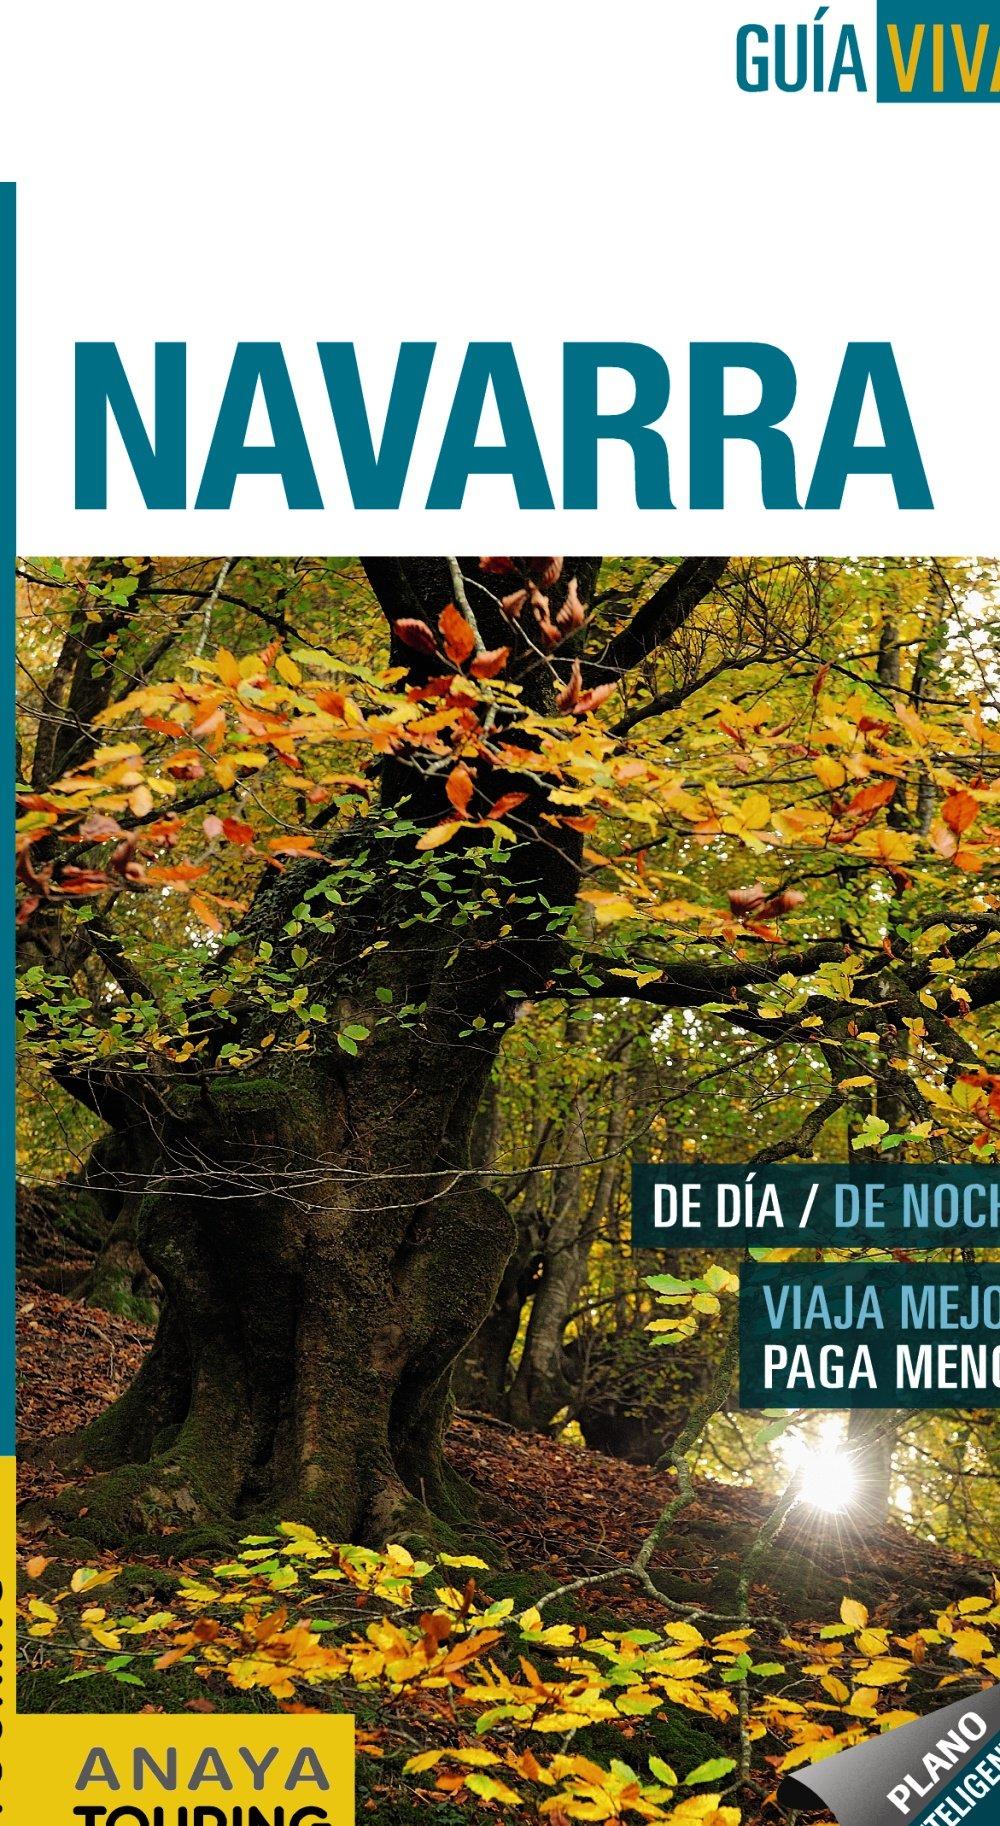 Navarra (Guía Viva - España): Amazon.es: Hernández Colorado, Arantxa, Gómez, Ignacio, Legarra, Javier, Sahats: Libros